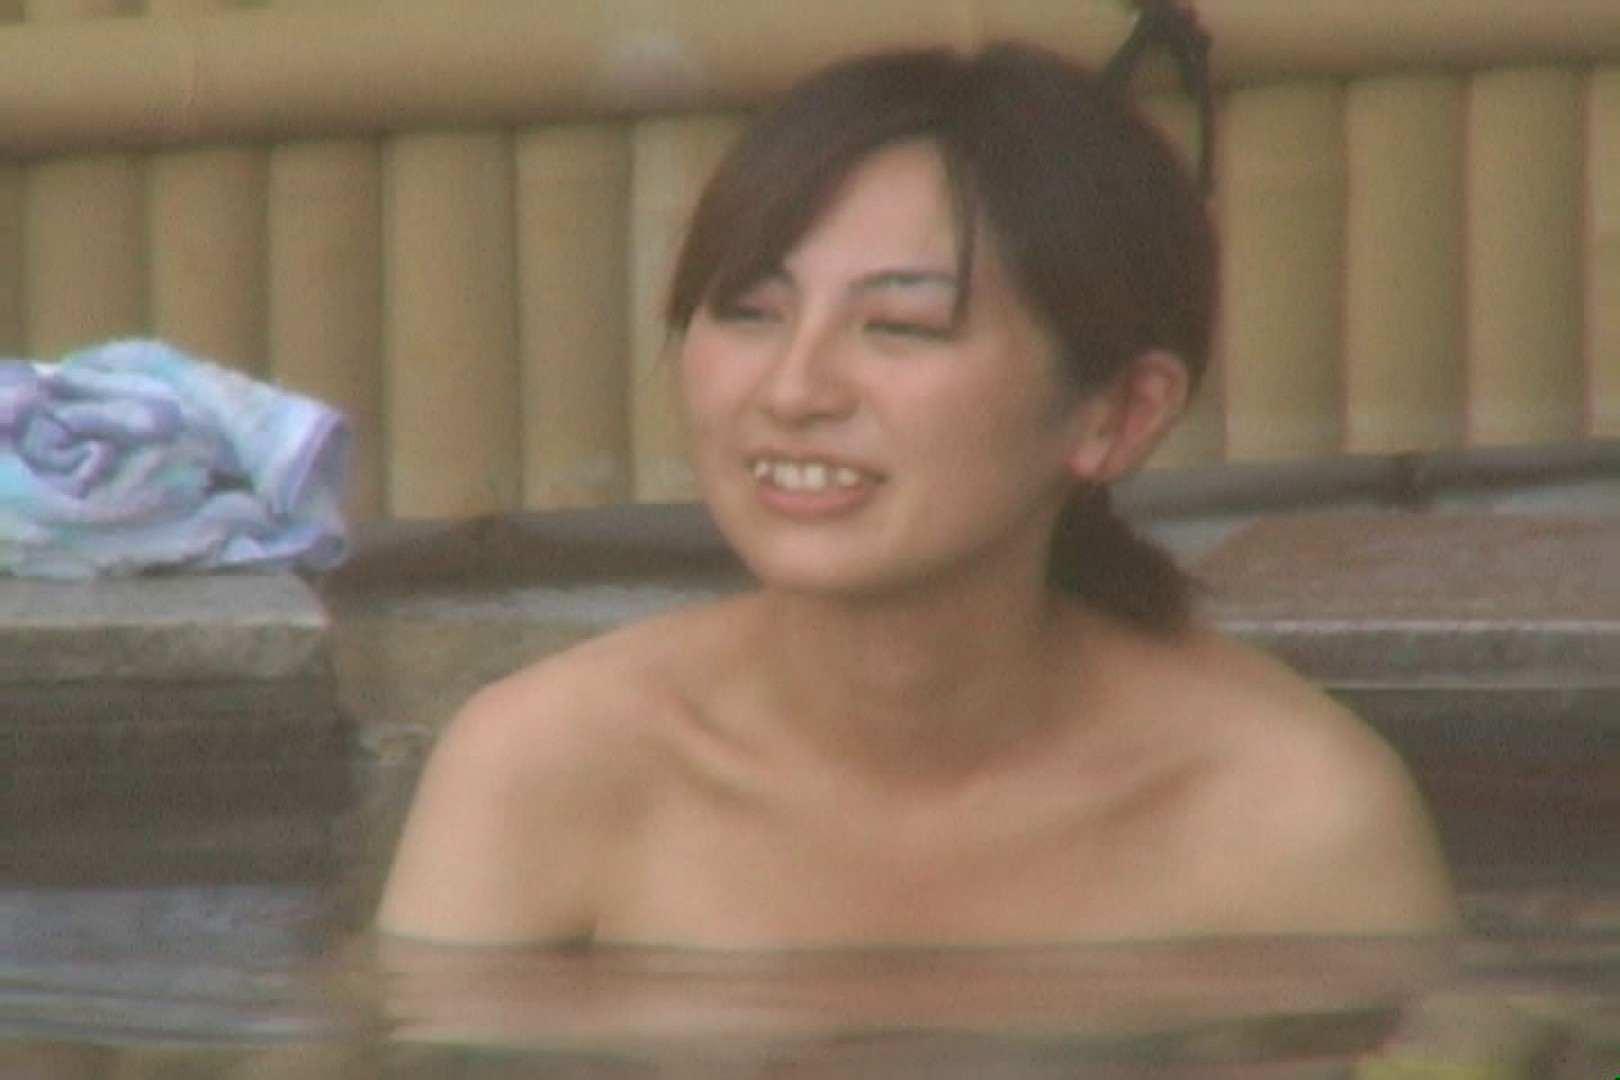 Aquaな露天風呂Vol.26【VIP】 露天 | 盗撮  59画像 40